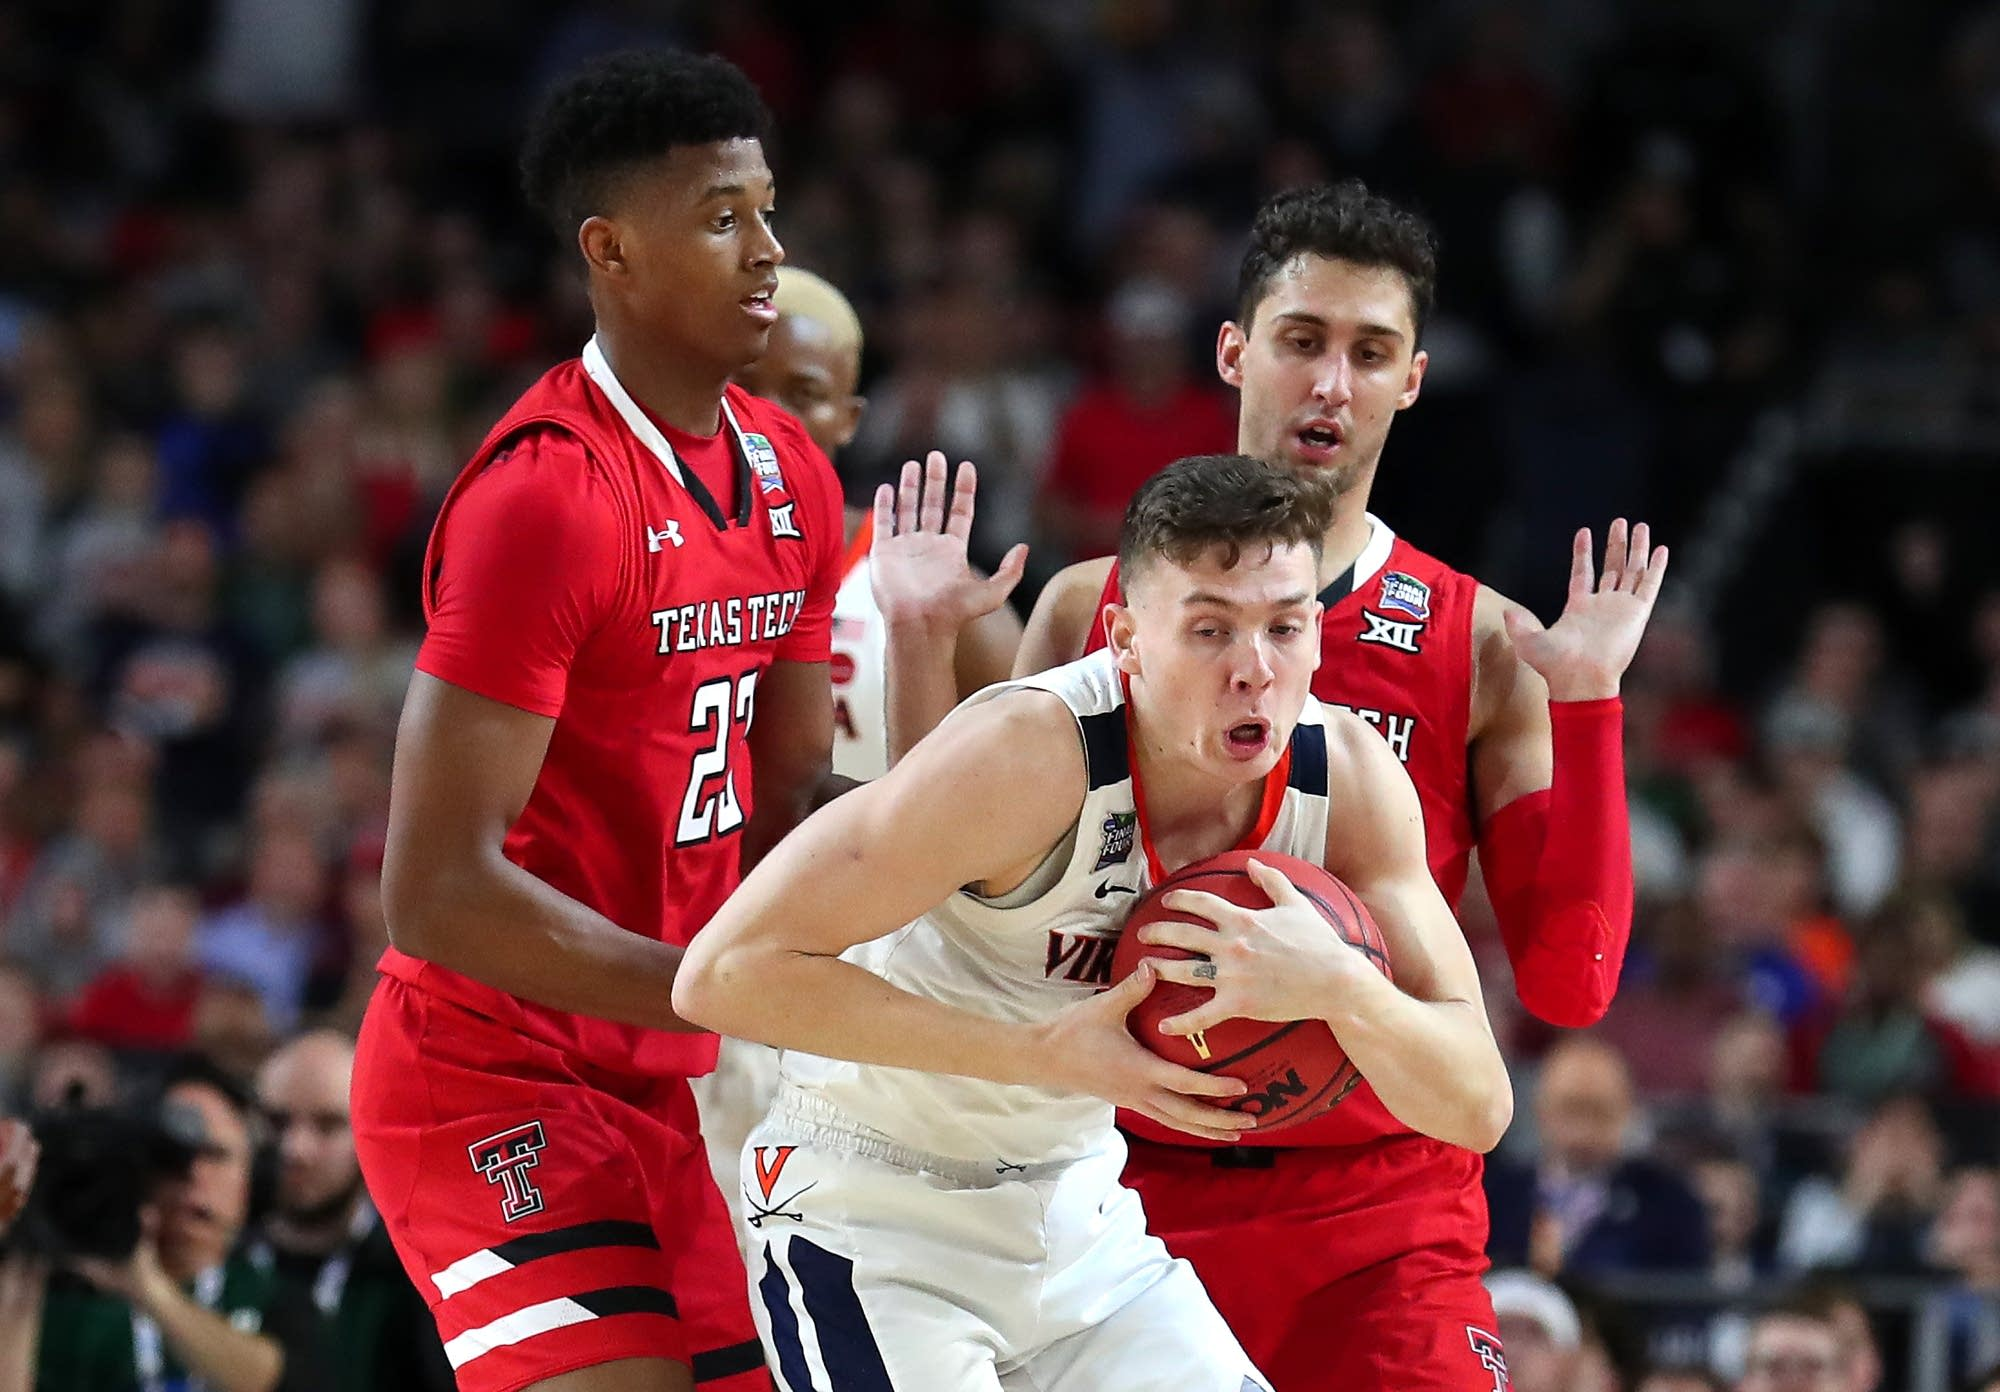 NCAA men's national championship - Texas Tech v Virginia